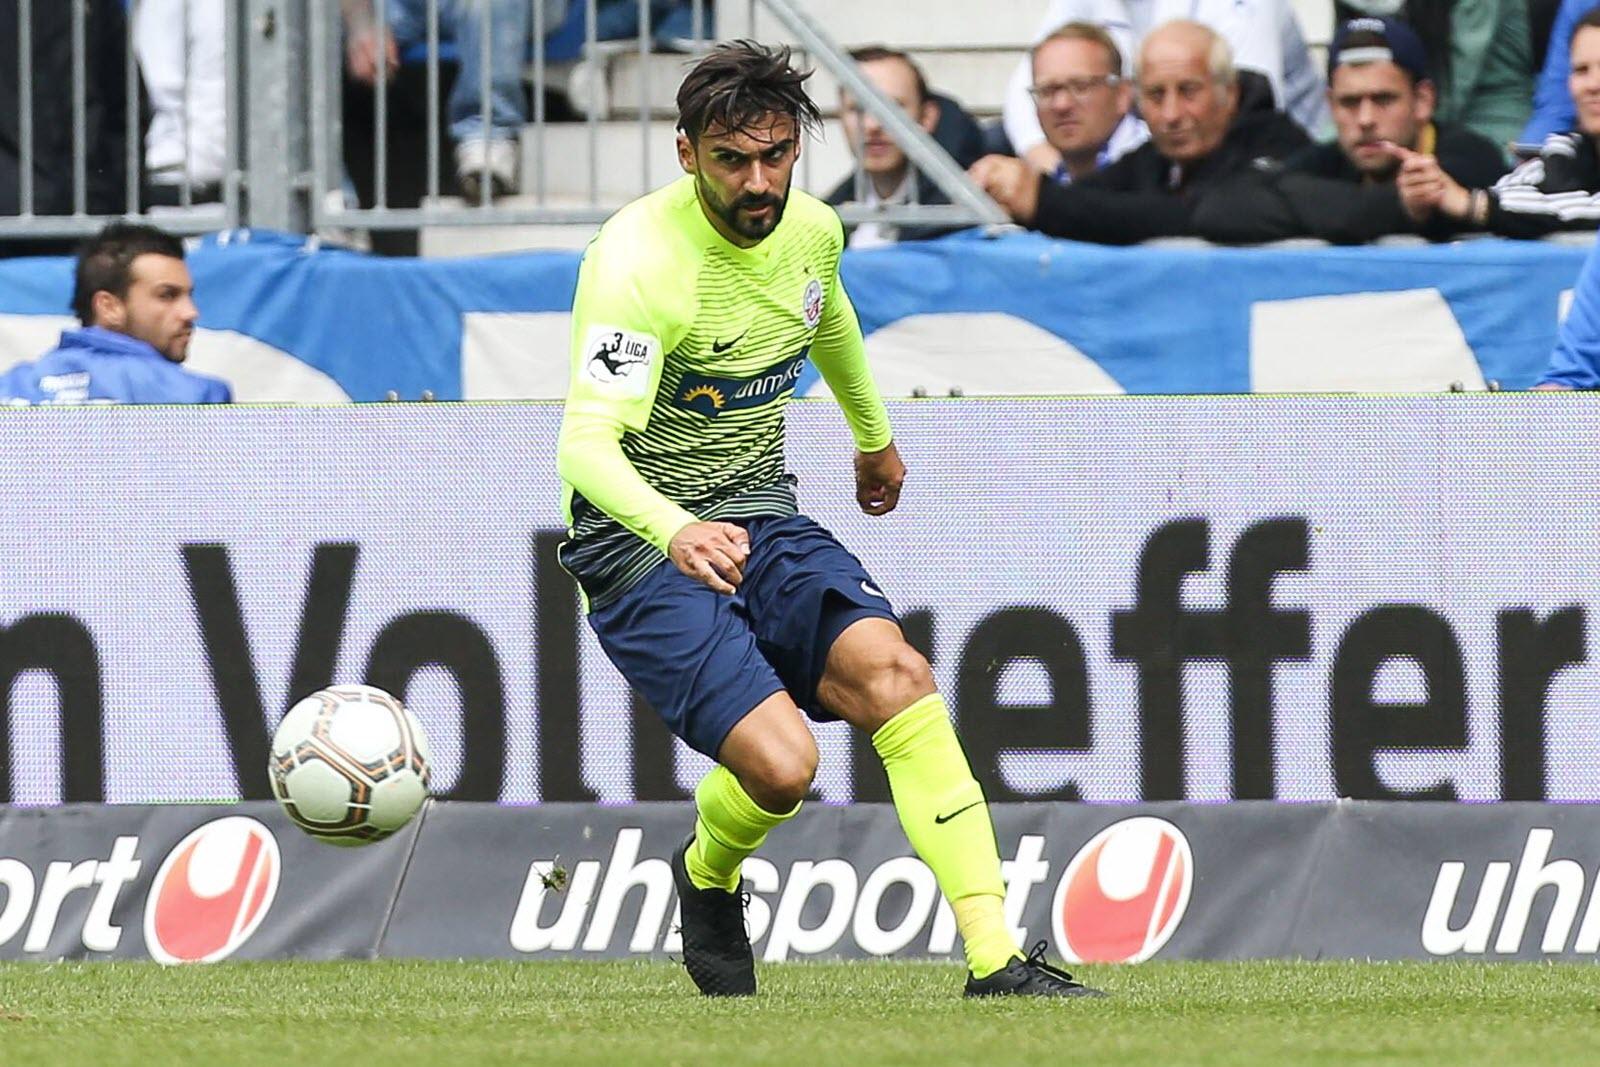 Will gegen seinen Ex-Verein spielen: Selcuk Alibaz